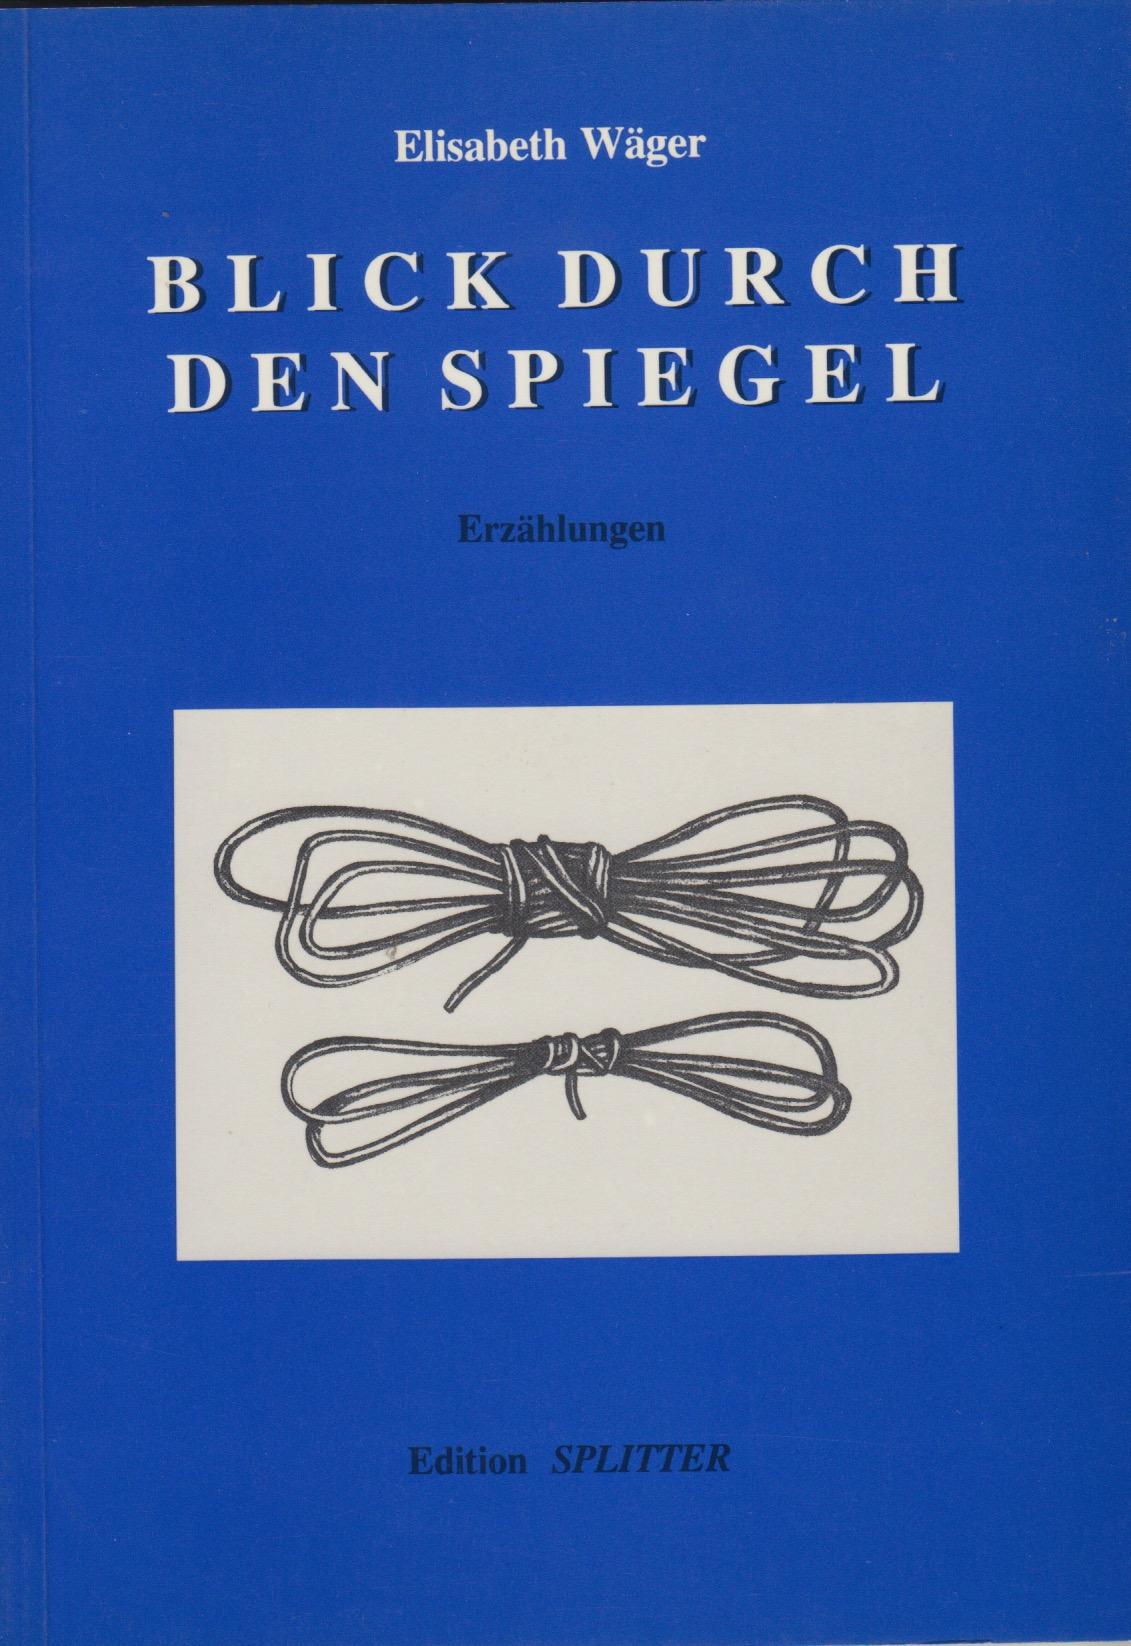 Blick durch den Spiegel Elisabeth Wäger | Oded Feingersh [Illustrationen]